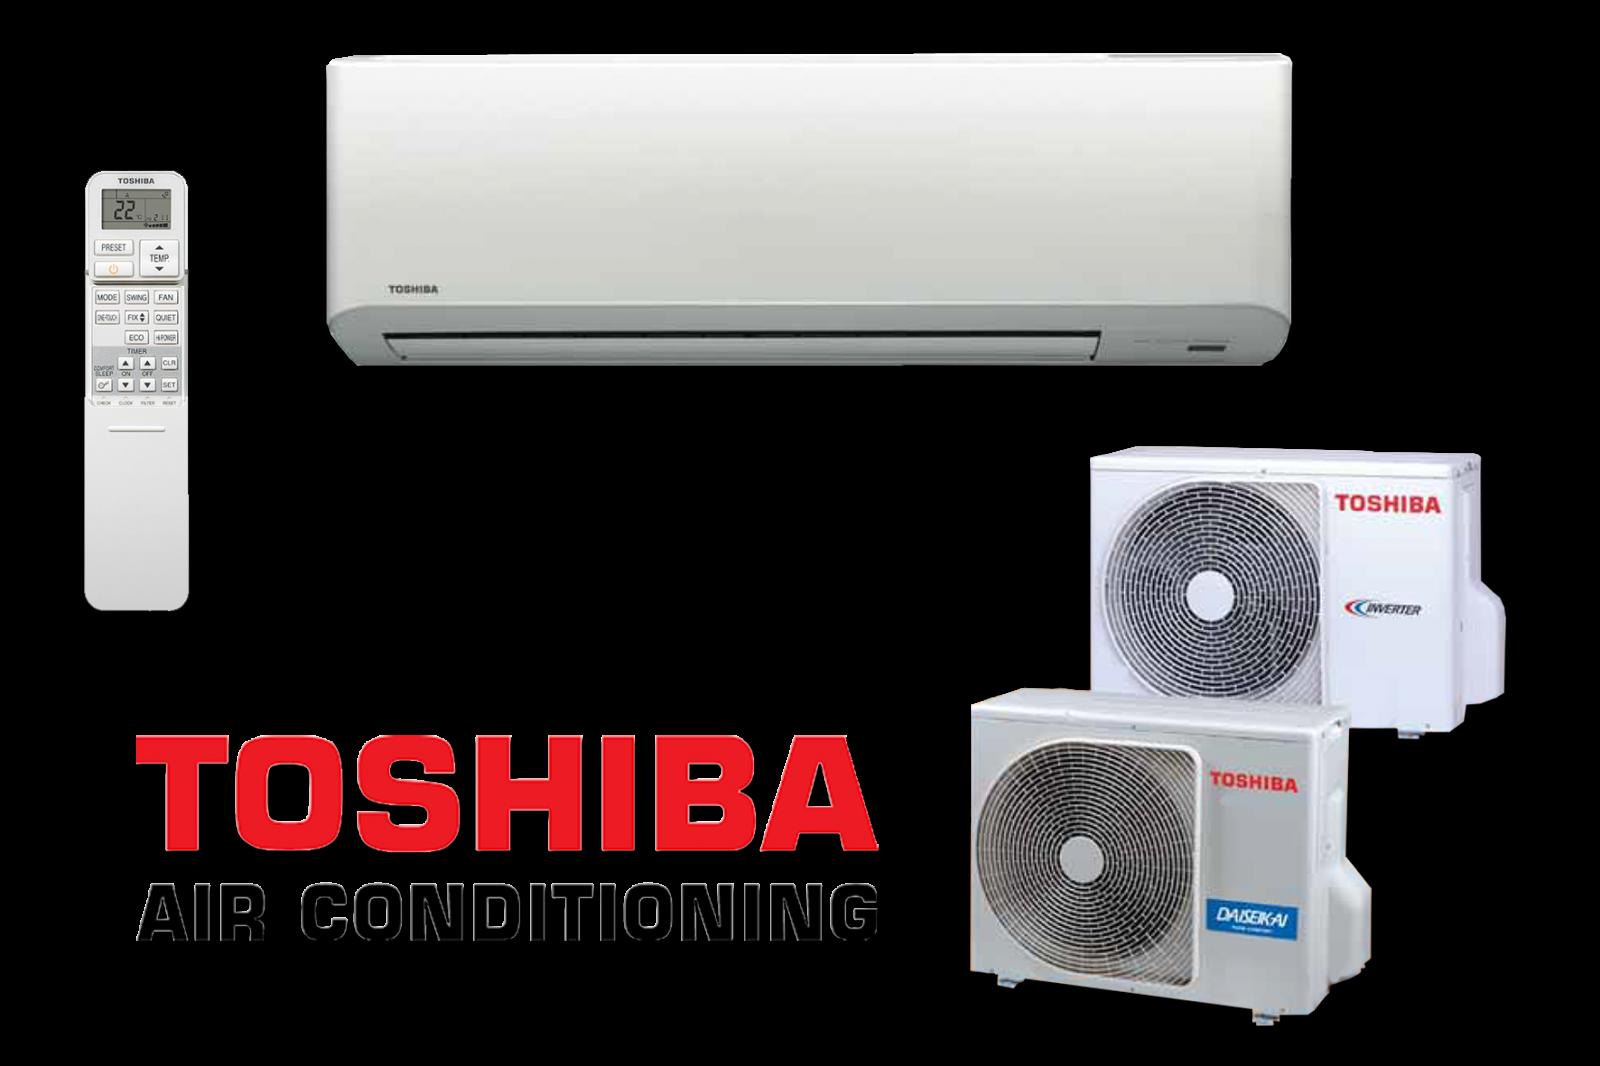 Trung tâm bảo hành sửa chữa máy lạnh Toshiba quận 2